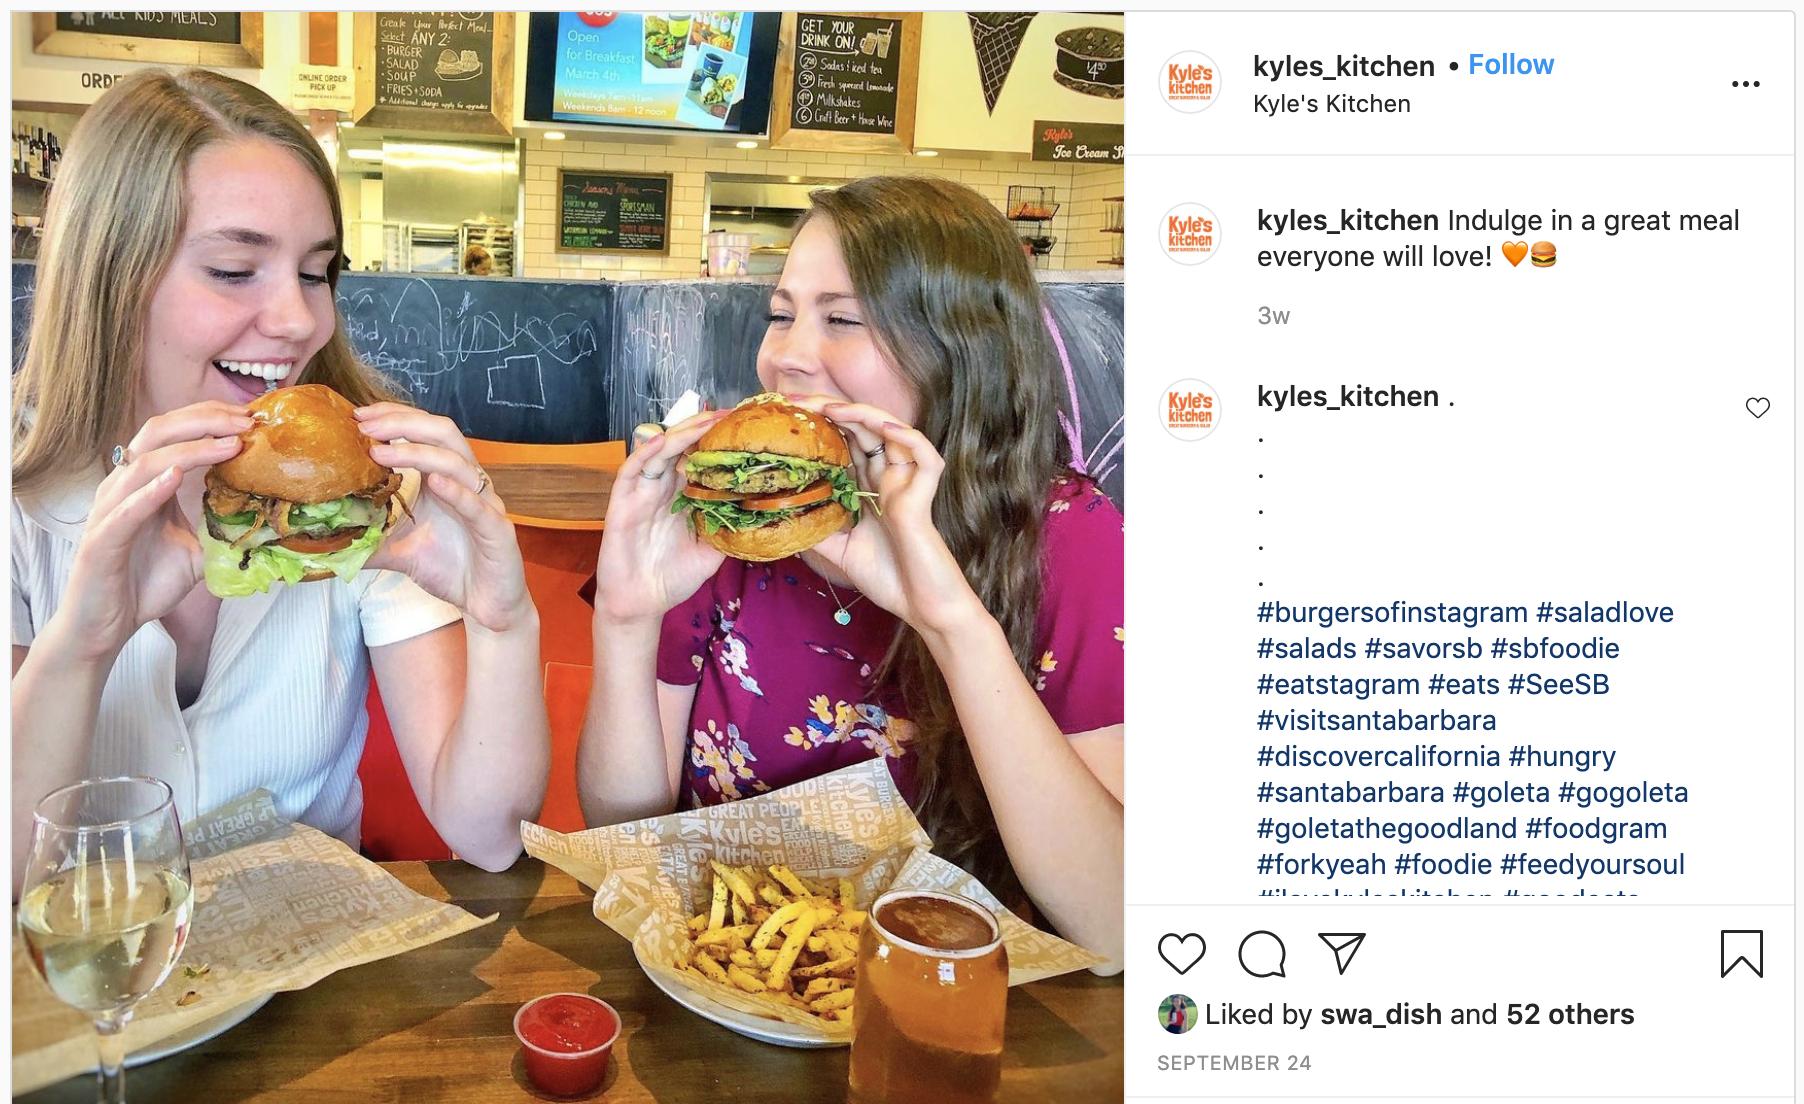 Kyle's Kitchen Instagram post